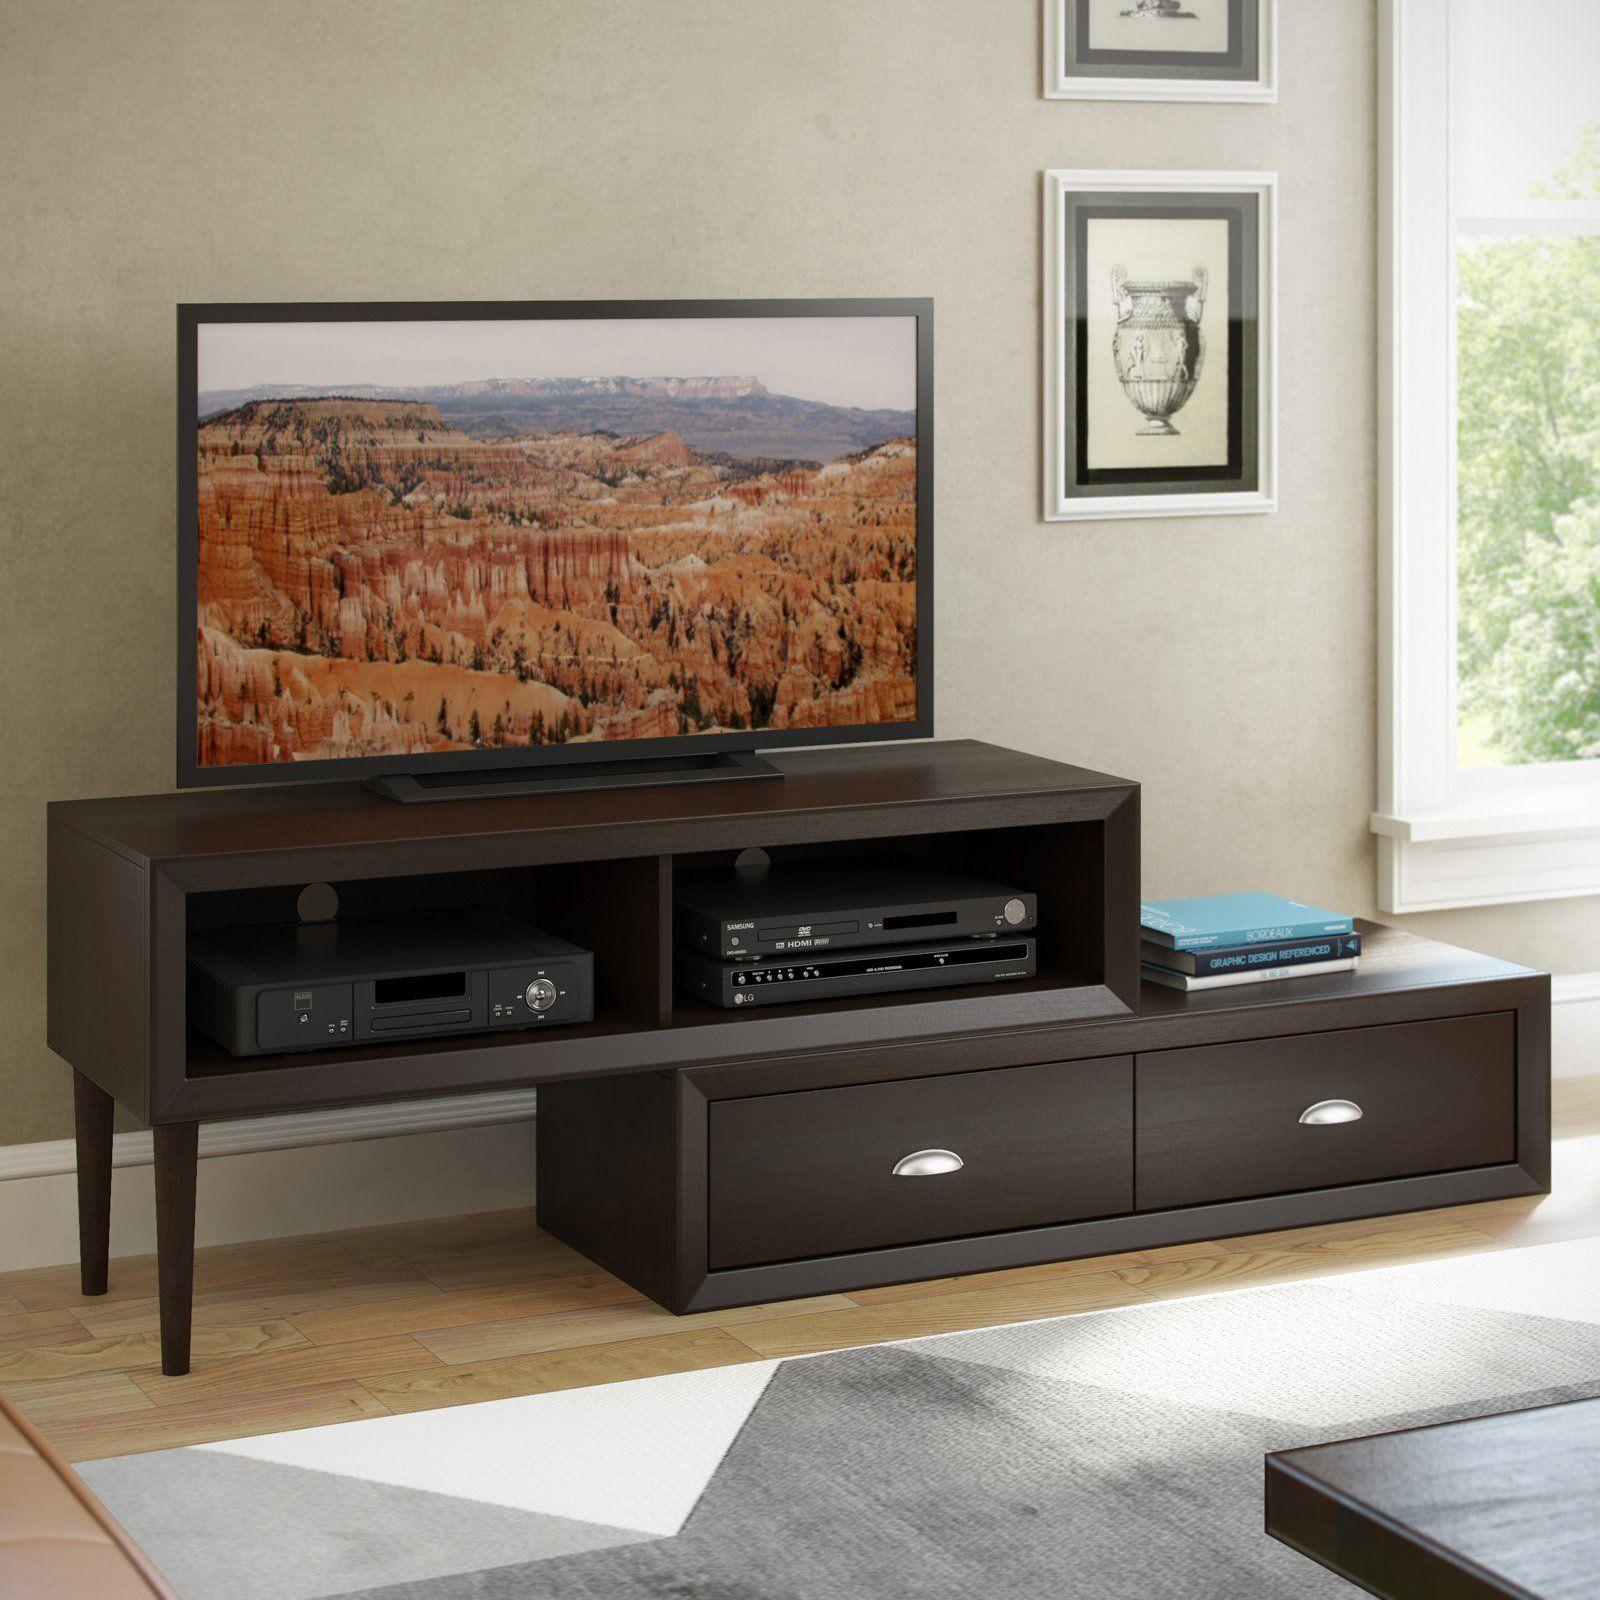 Corliving Tlk 883 B Lakewood 2 Tier Adjustable Tv Bench Espresso Tv Bench Living Room Furniture Sale Cool Tv Stands